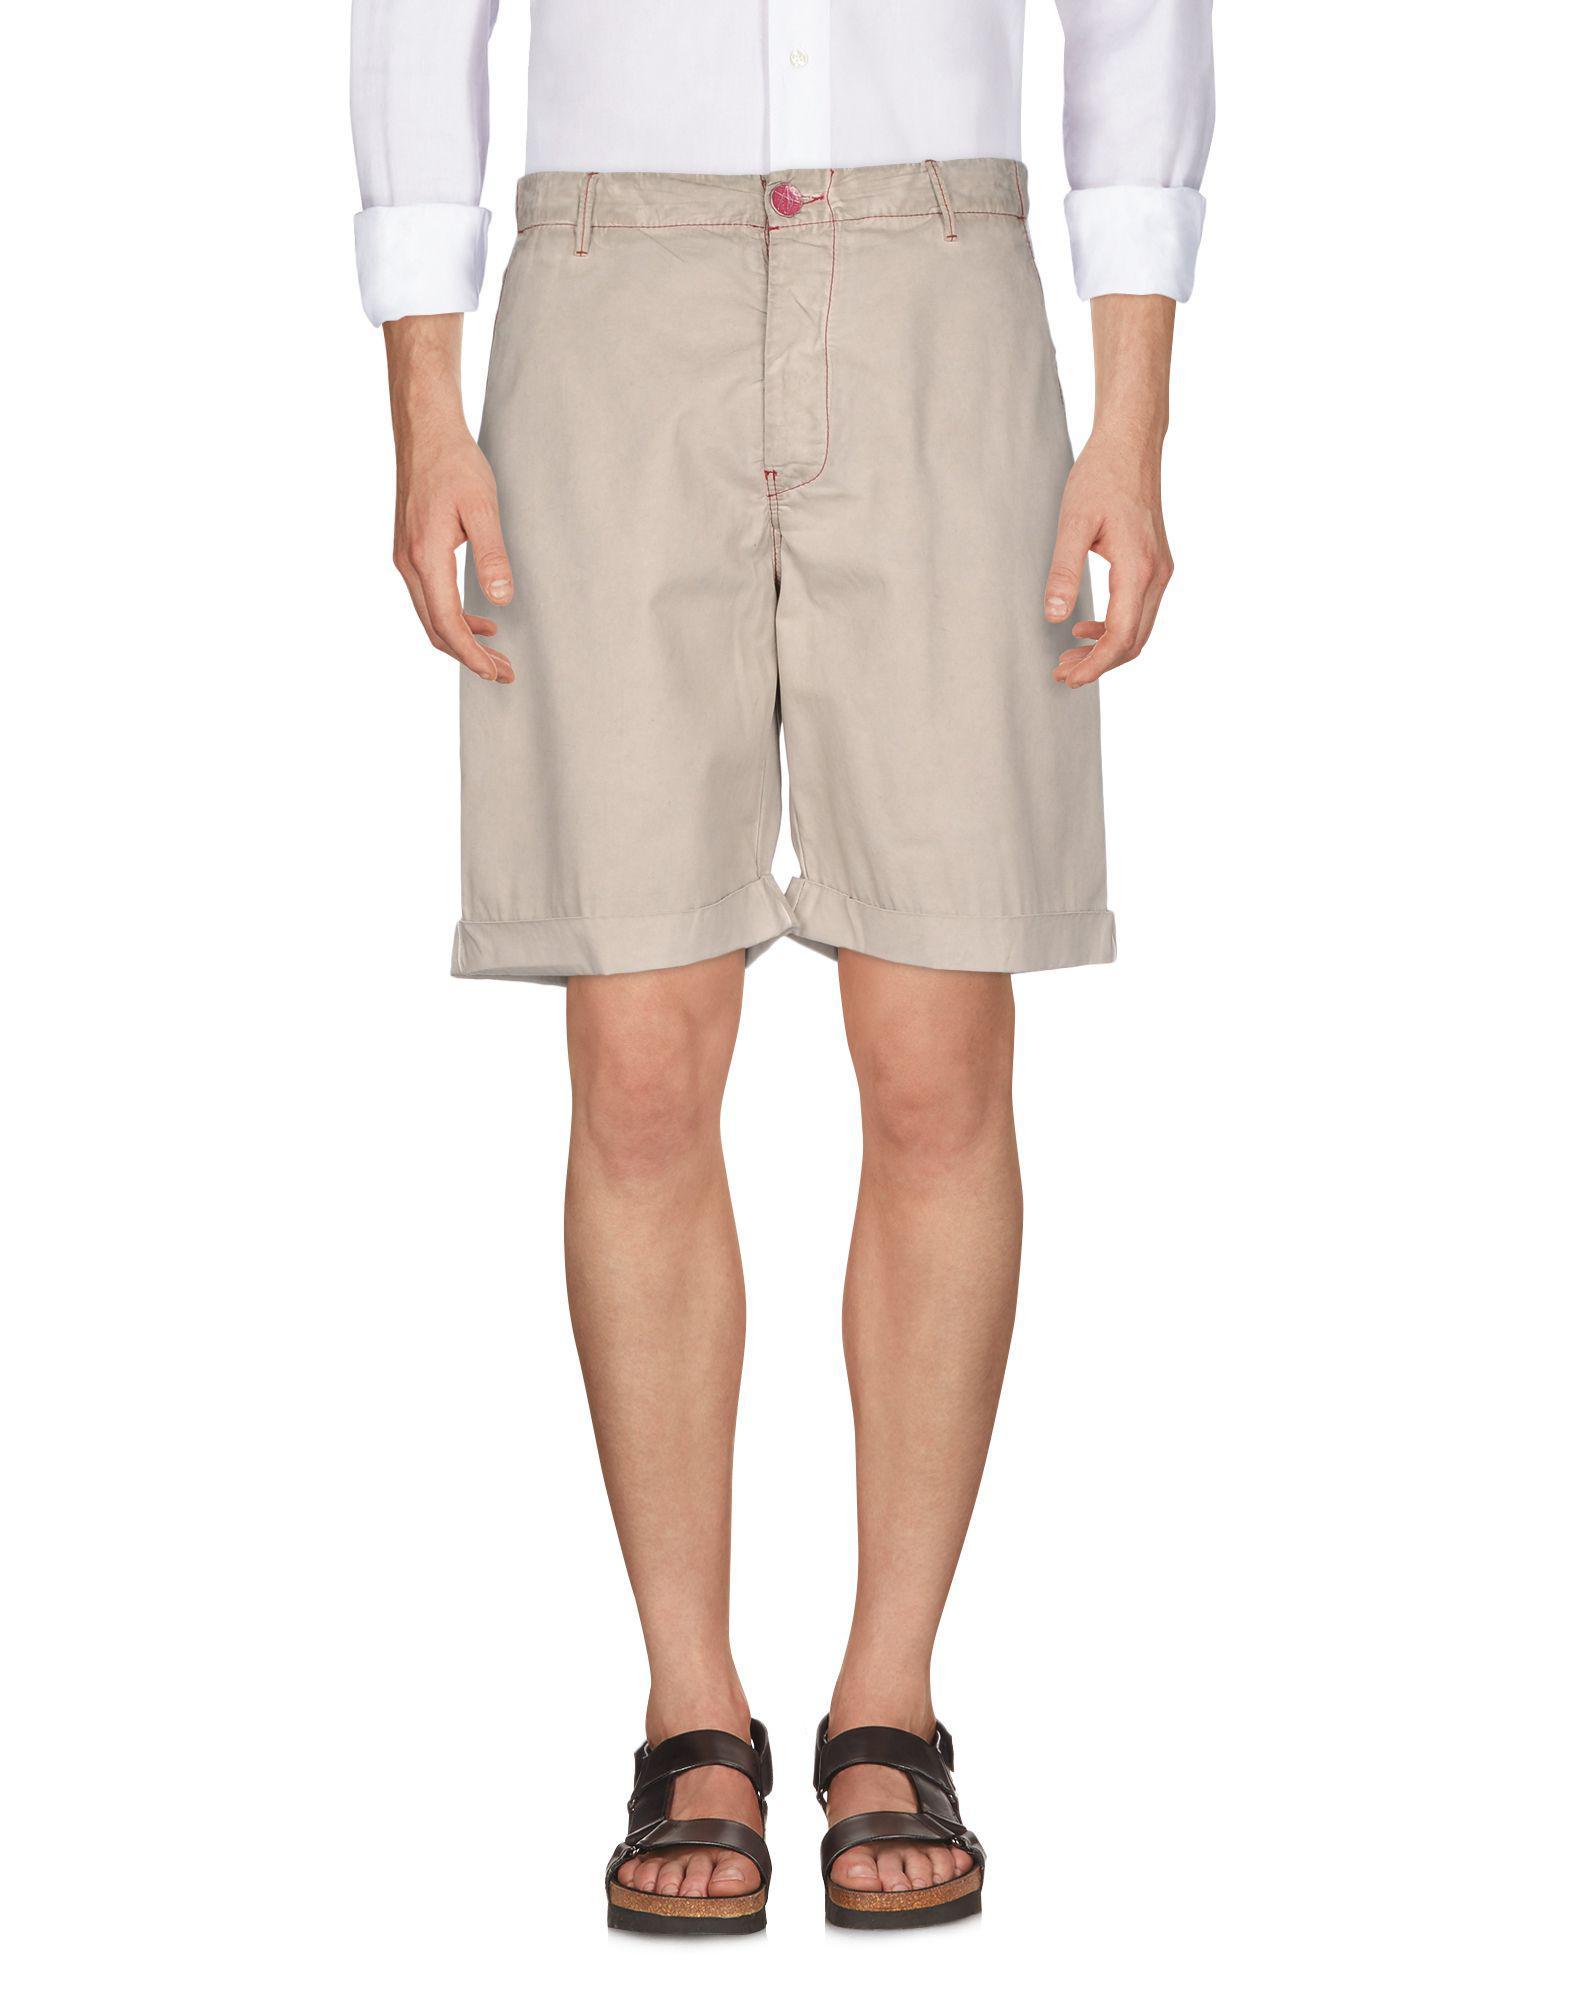 Homme Lyst Pour Bermuda Armani Neutre Coloris En Jeans p4rqrIw6x8 1c6f8c3a14f